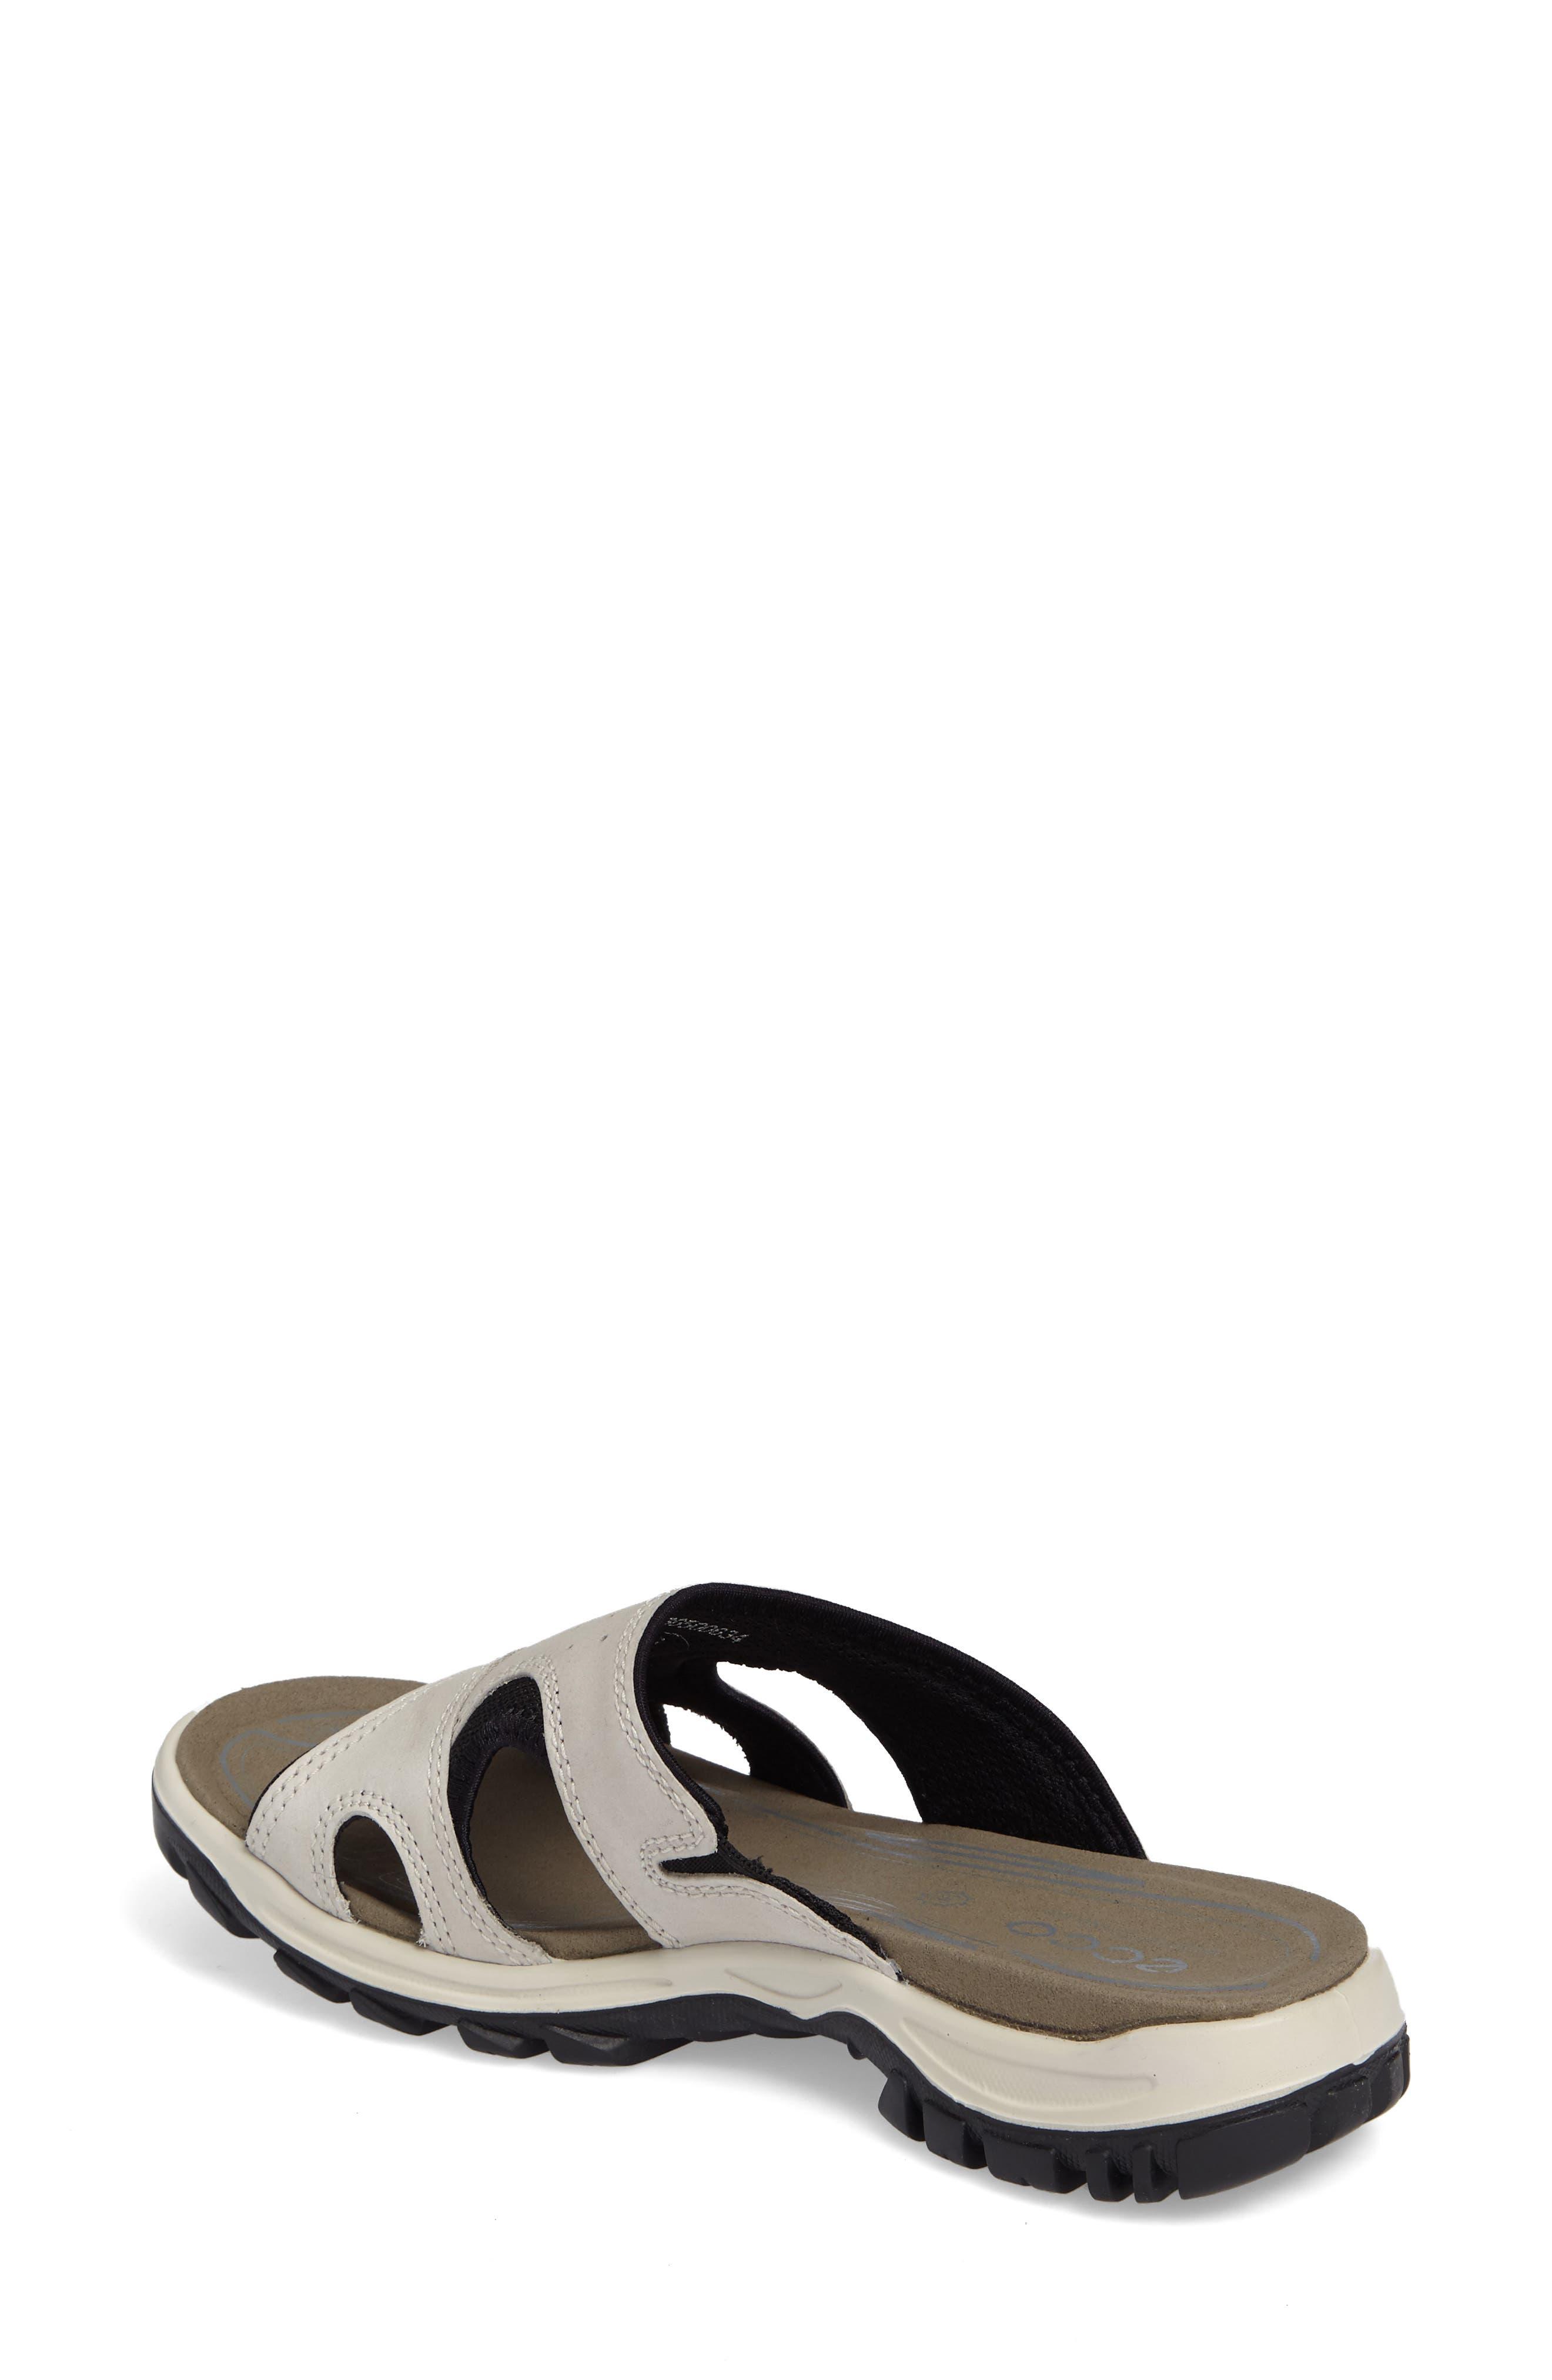 Offroad Lite Slide Sandal,                             Alternate thumbnail 2, color,                             GRAVEL/ BLACK LEATHER